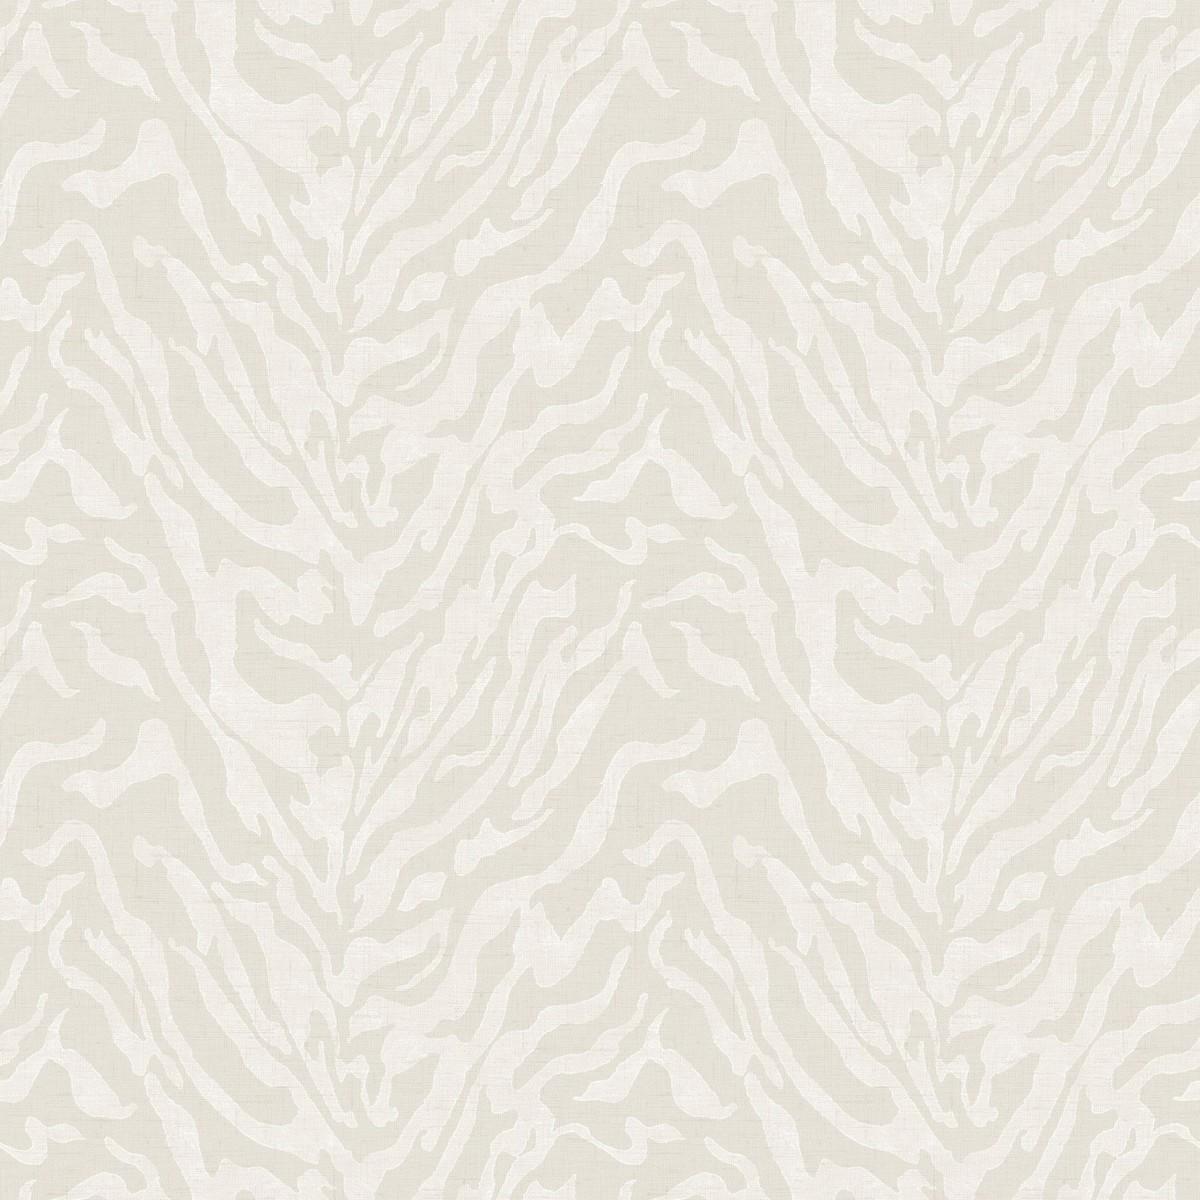 Обои виниловые Aura Silks &amp Textures бежевые 0.53 м NT33756